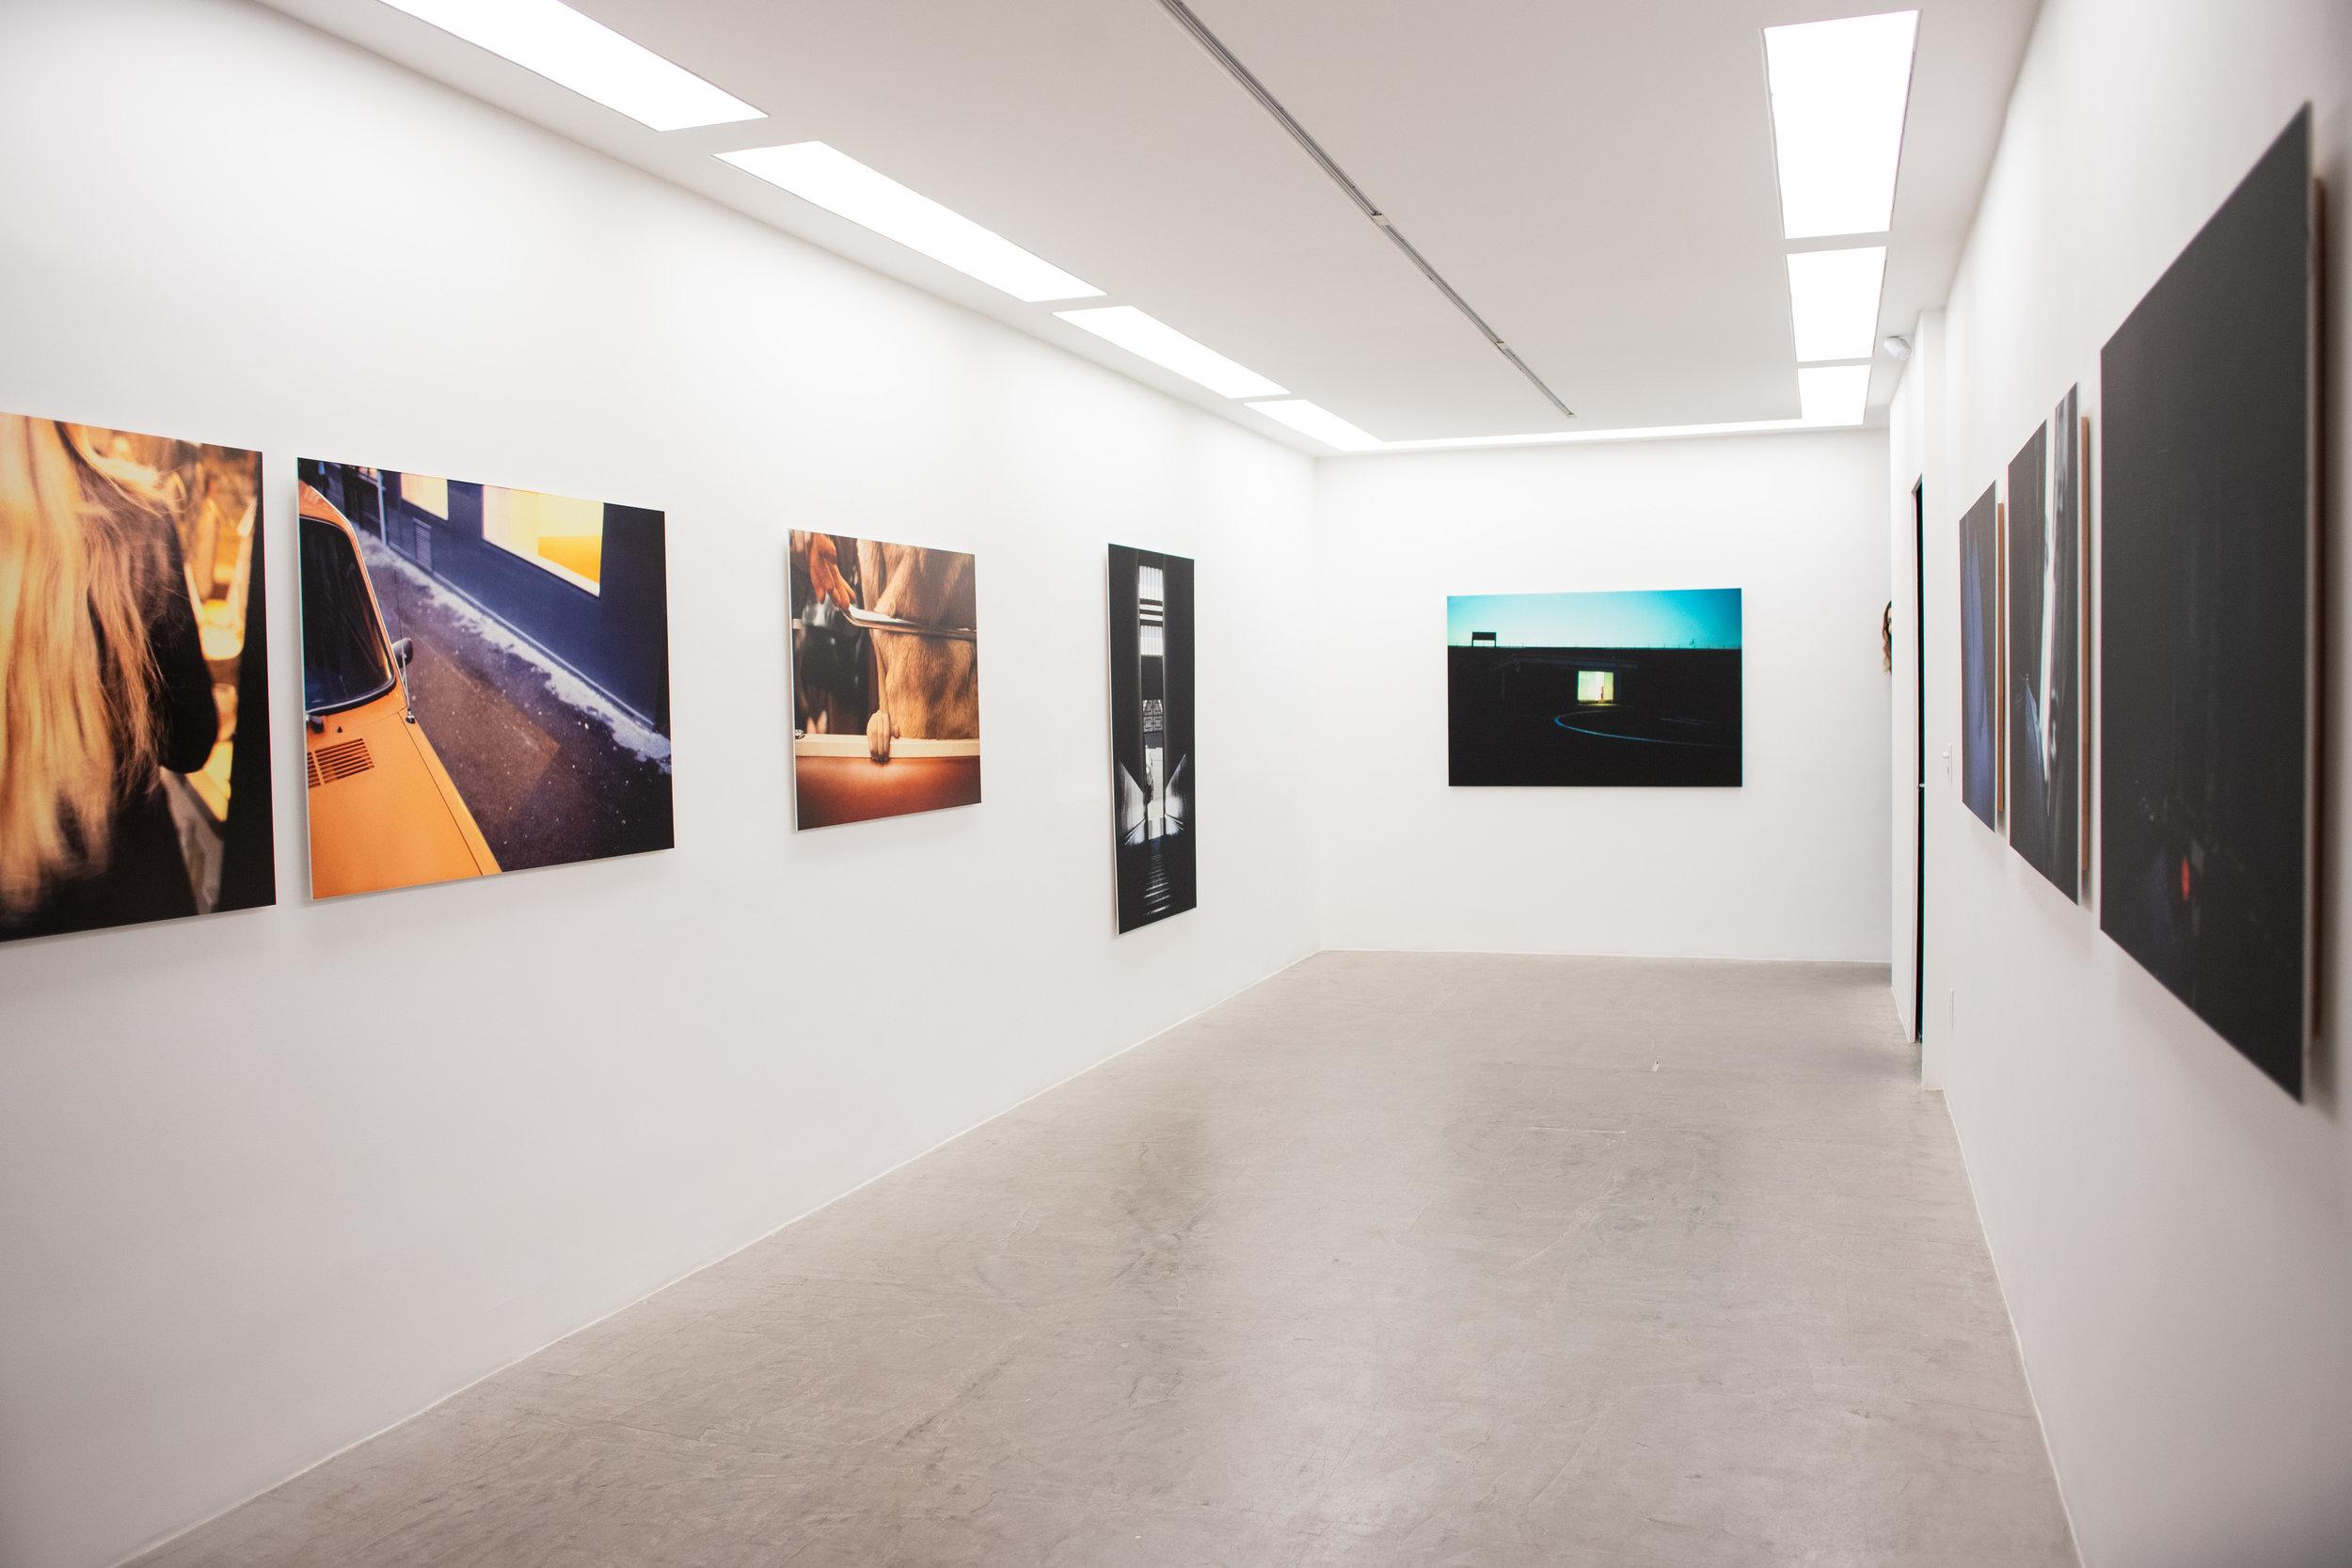 Exposição Murilo Salles | Fotografias 1975-1979/2019 | 07 mai - 01 jun